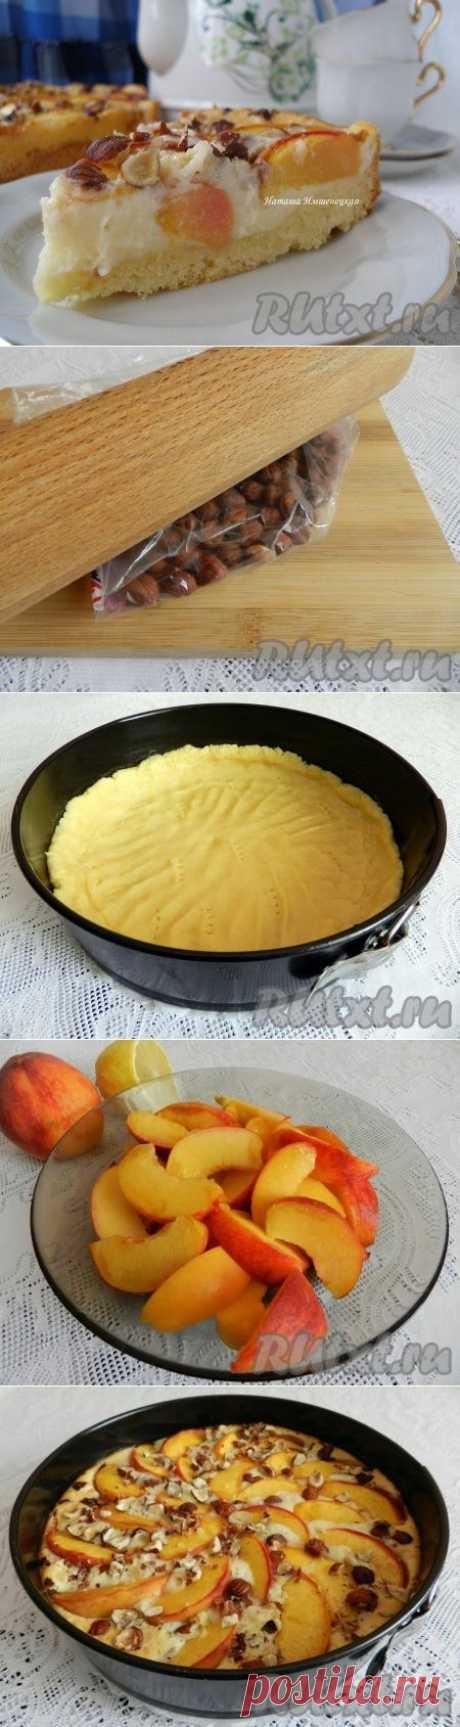 Персиковый пирог с маскарпоне (рецепт с фото) | RUtxt.ru